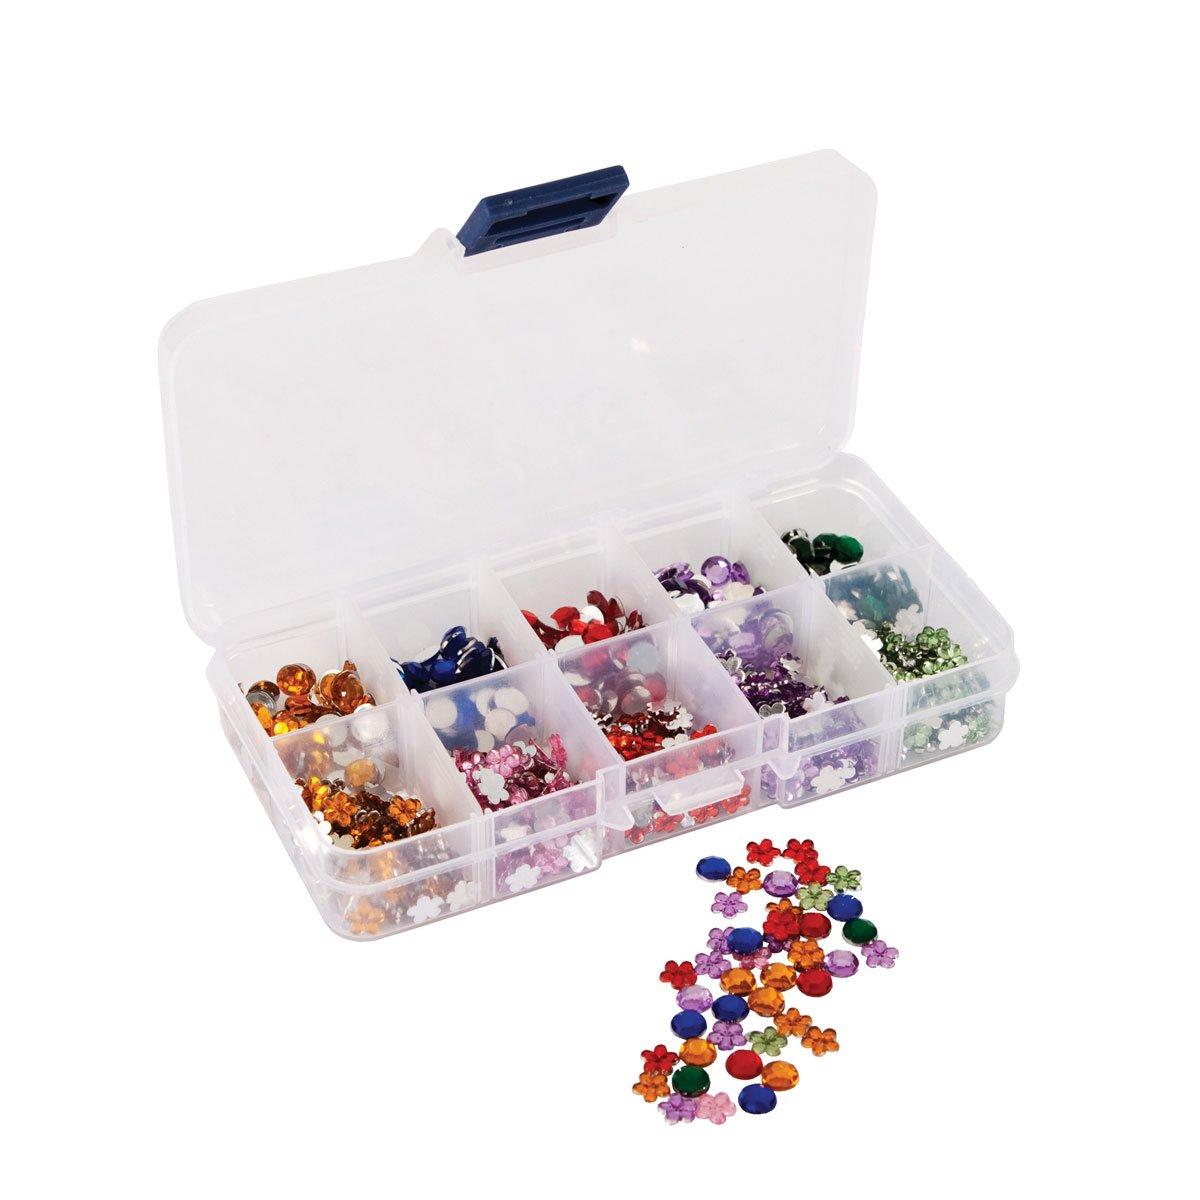 Papermania - Set de joyas decorativas con organizador (750 piezas), diseño de flores y piedras PMA351003